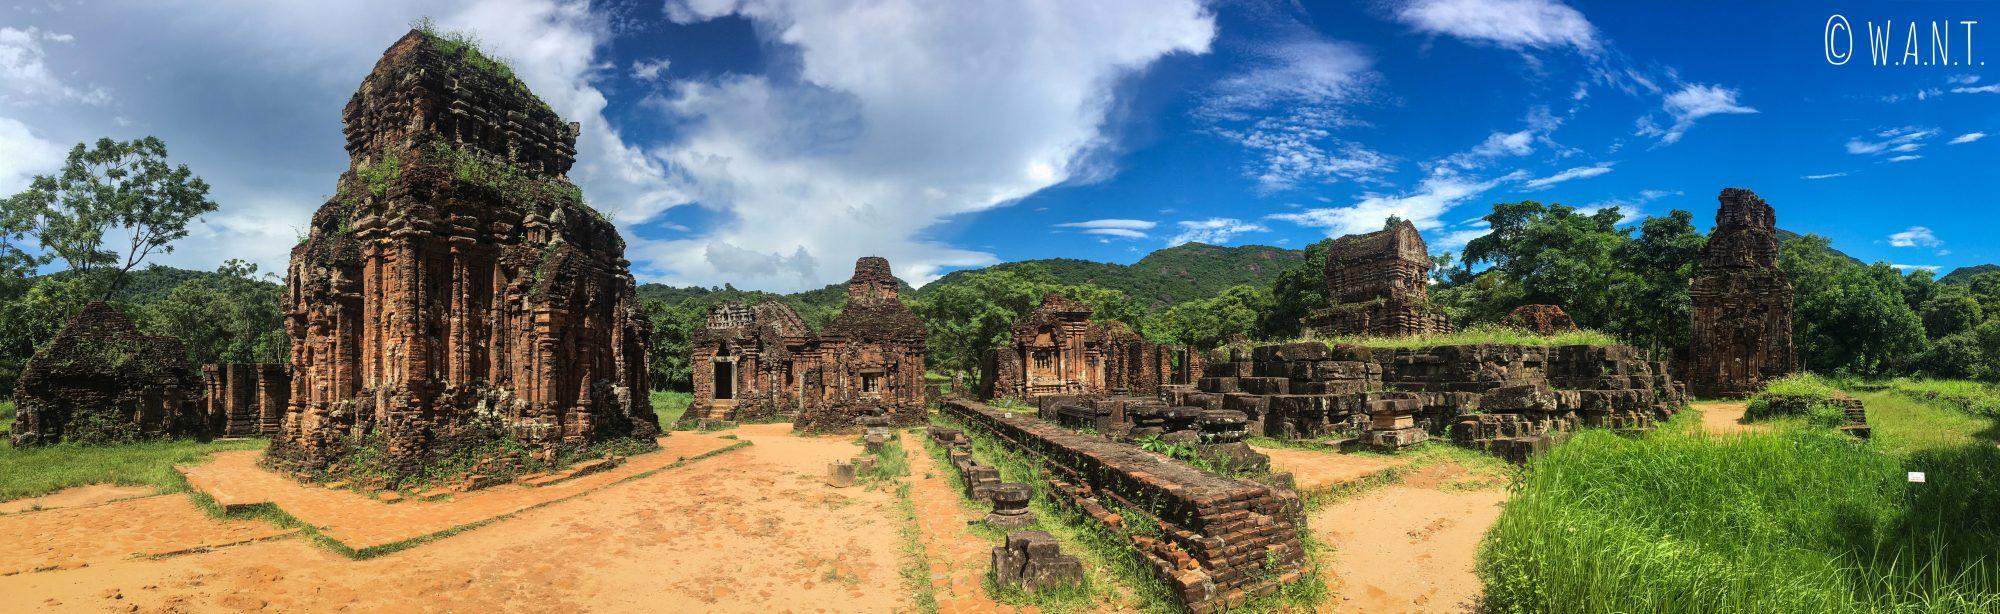 Vue panoramique sur les ruines de My Son